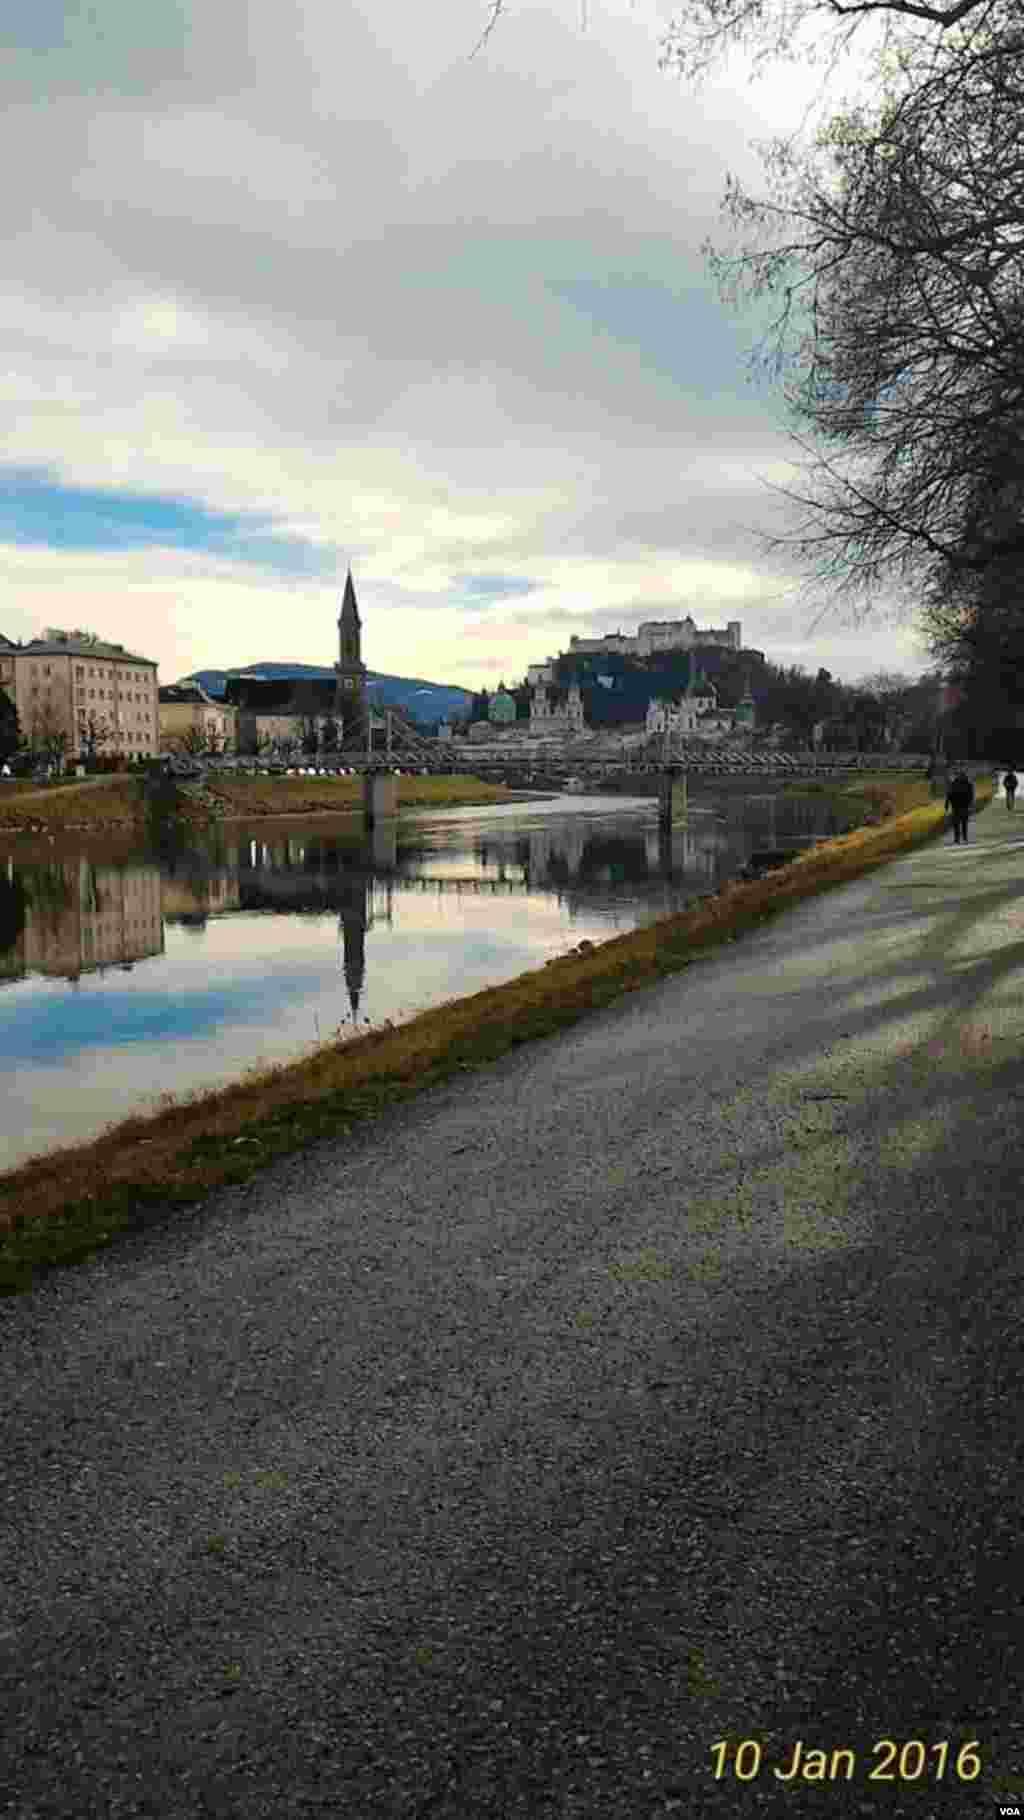 نمایی از شهر سالزبورگ اتریش عکس: شبنم (ارسالی شما)